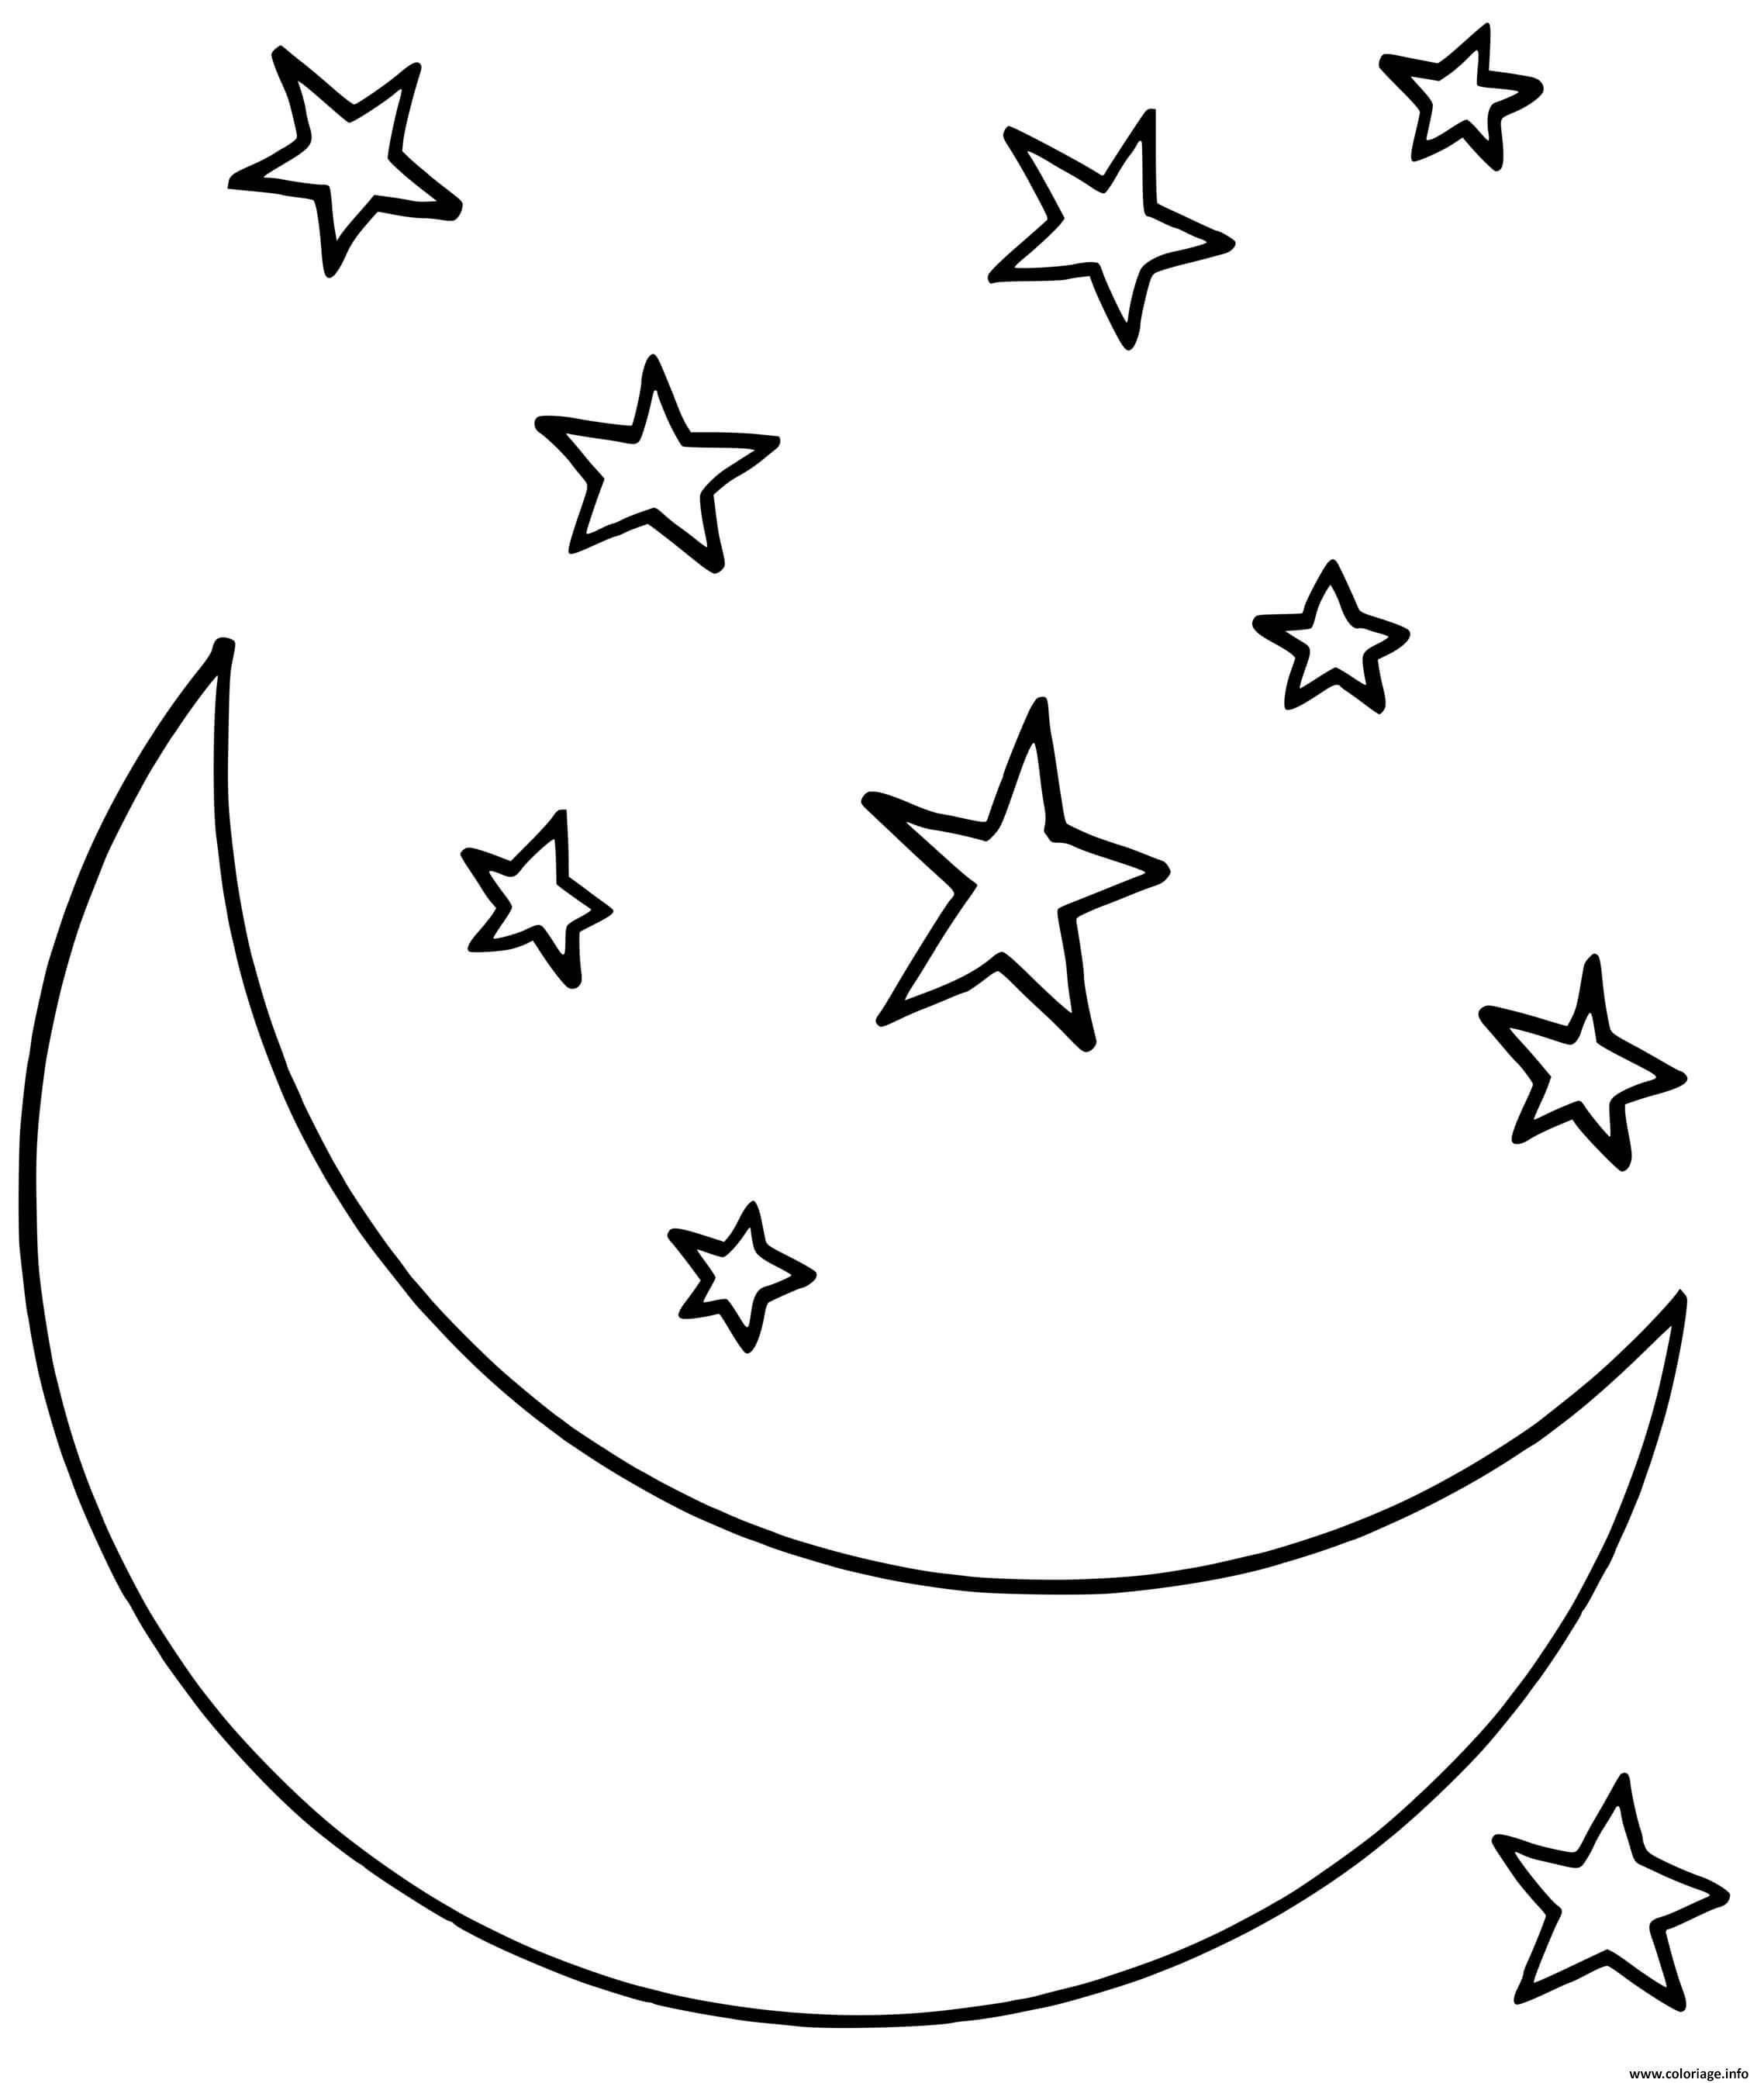 Dessin une nuit avec la lune et des etoiles Coloriage Gratuit à Imprimer